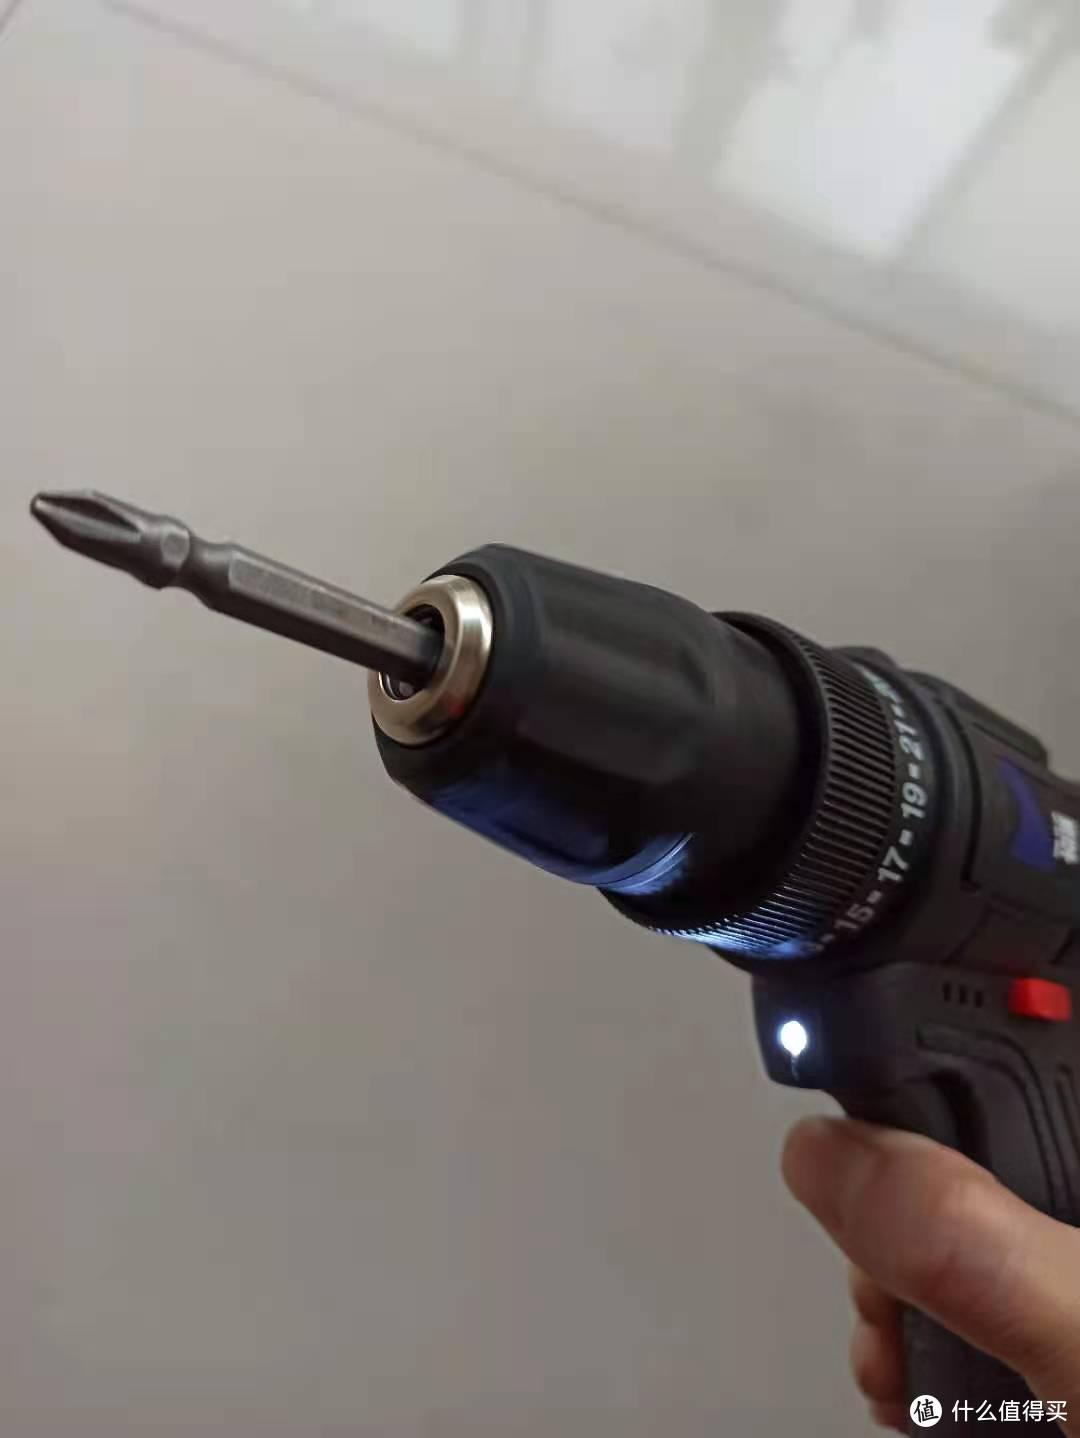 这是自带的LED照明。